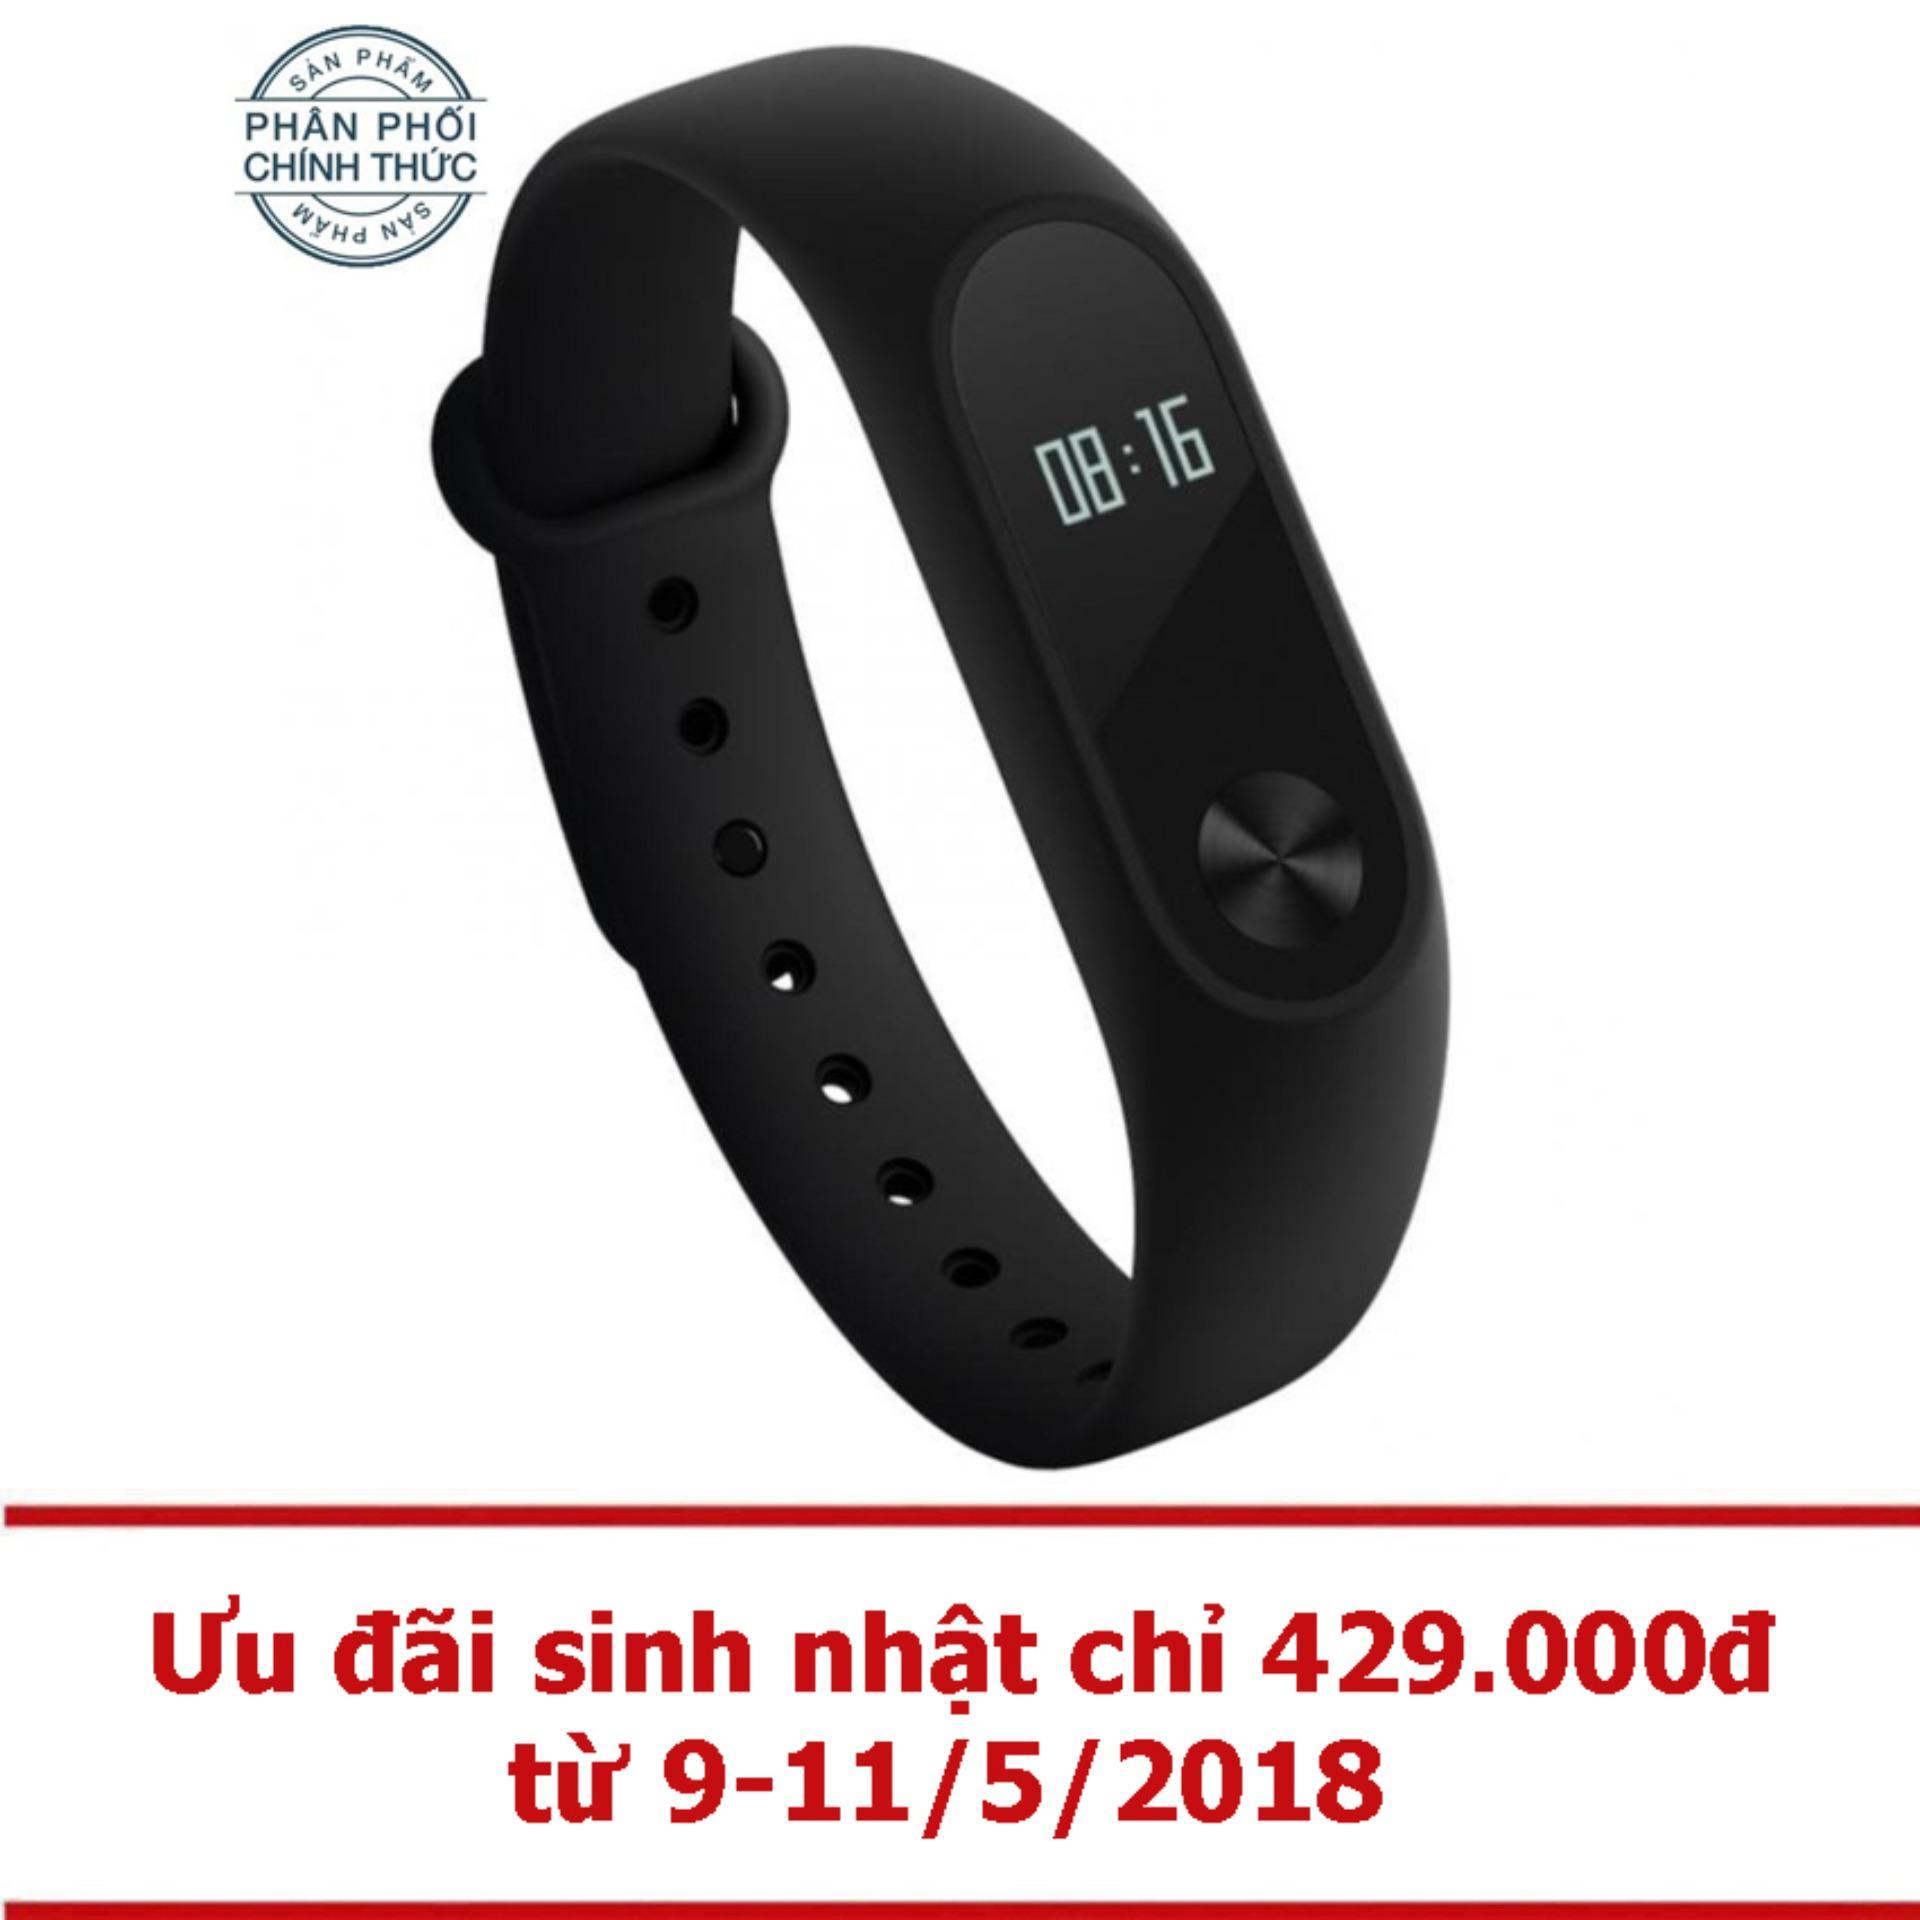 Vòng đeo tay Xiaomi Miband 2 (Đen) - Hãng phân phối chính thức.